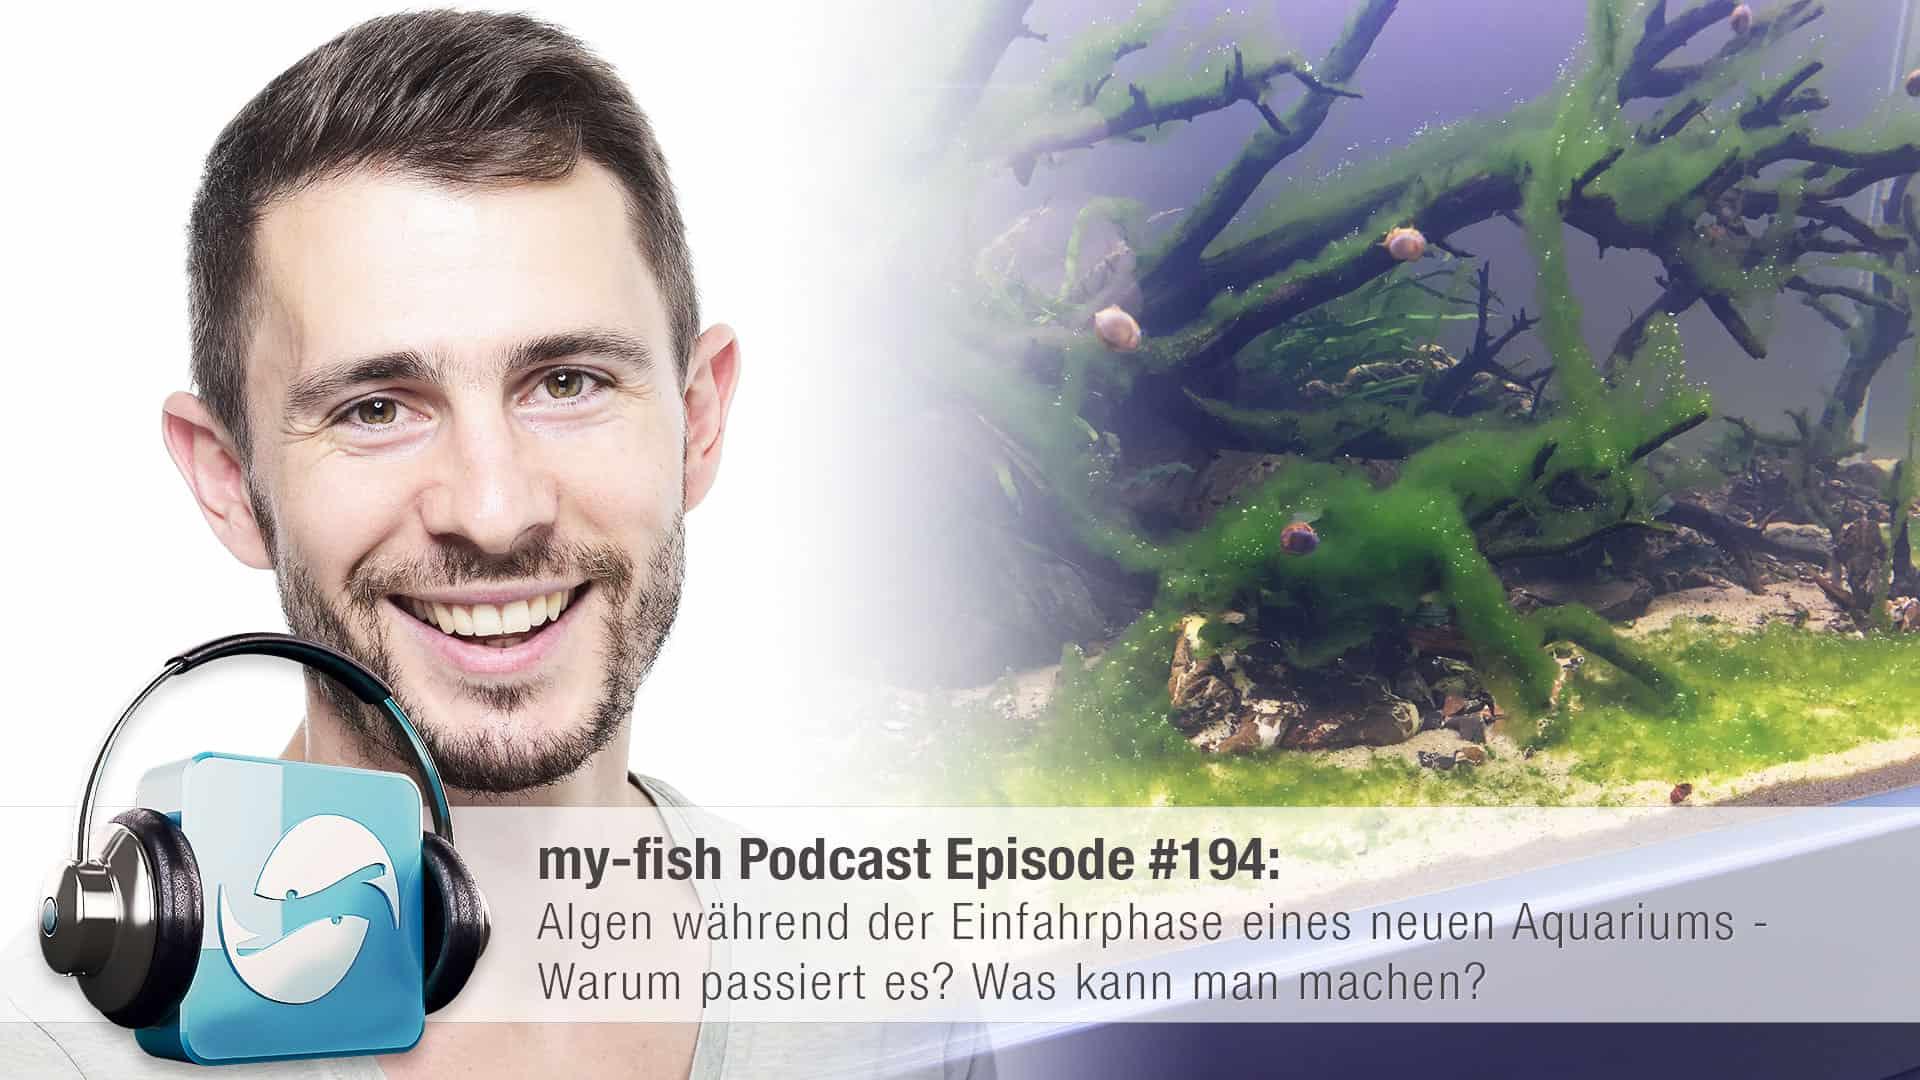 194: Algen während der Einfahrphase eines neuen Aquariums - Warum passiert es? Was kann man machen? 1